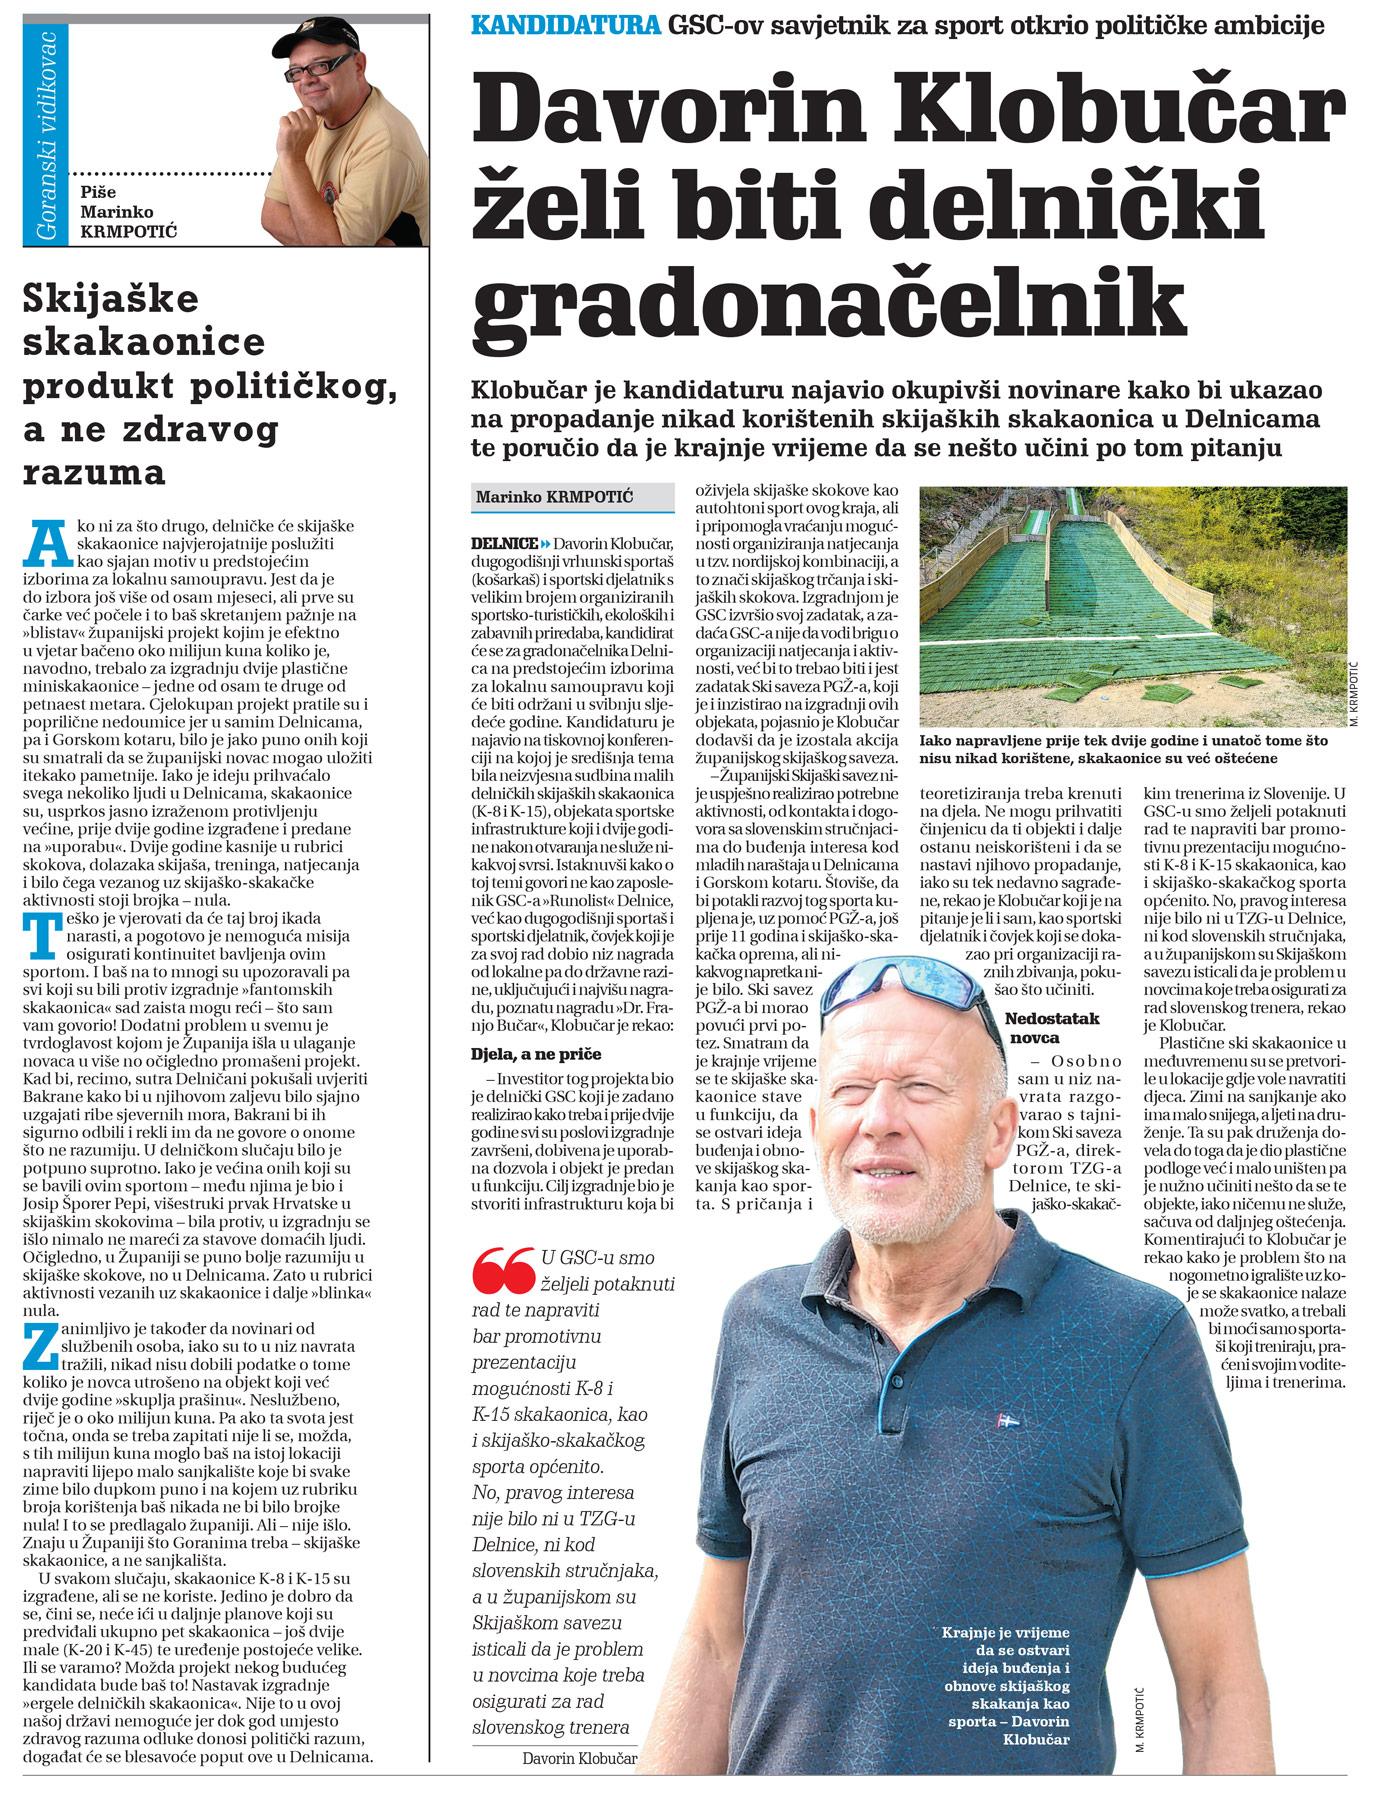 članak, novi list, davorin klobučar, kandidatura za gradonačelnika